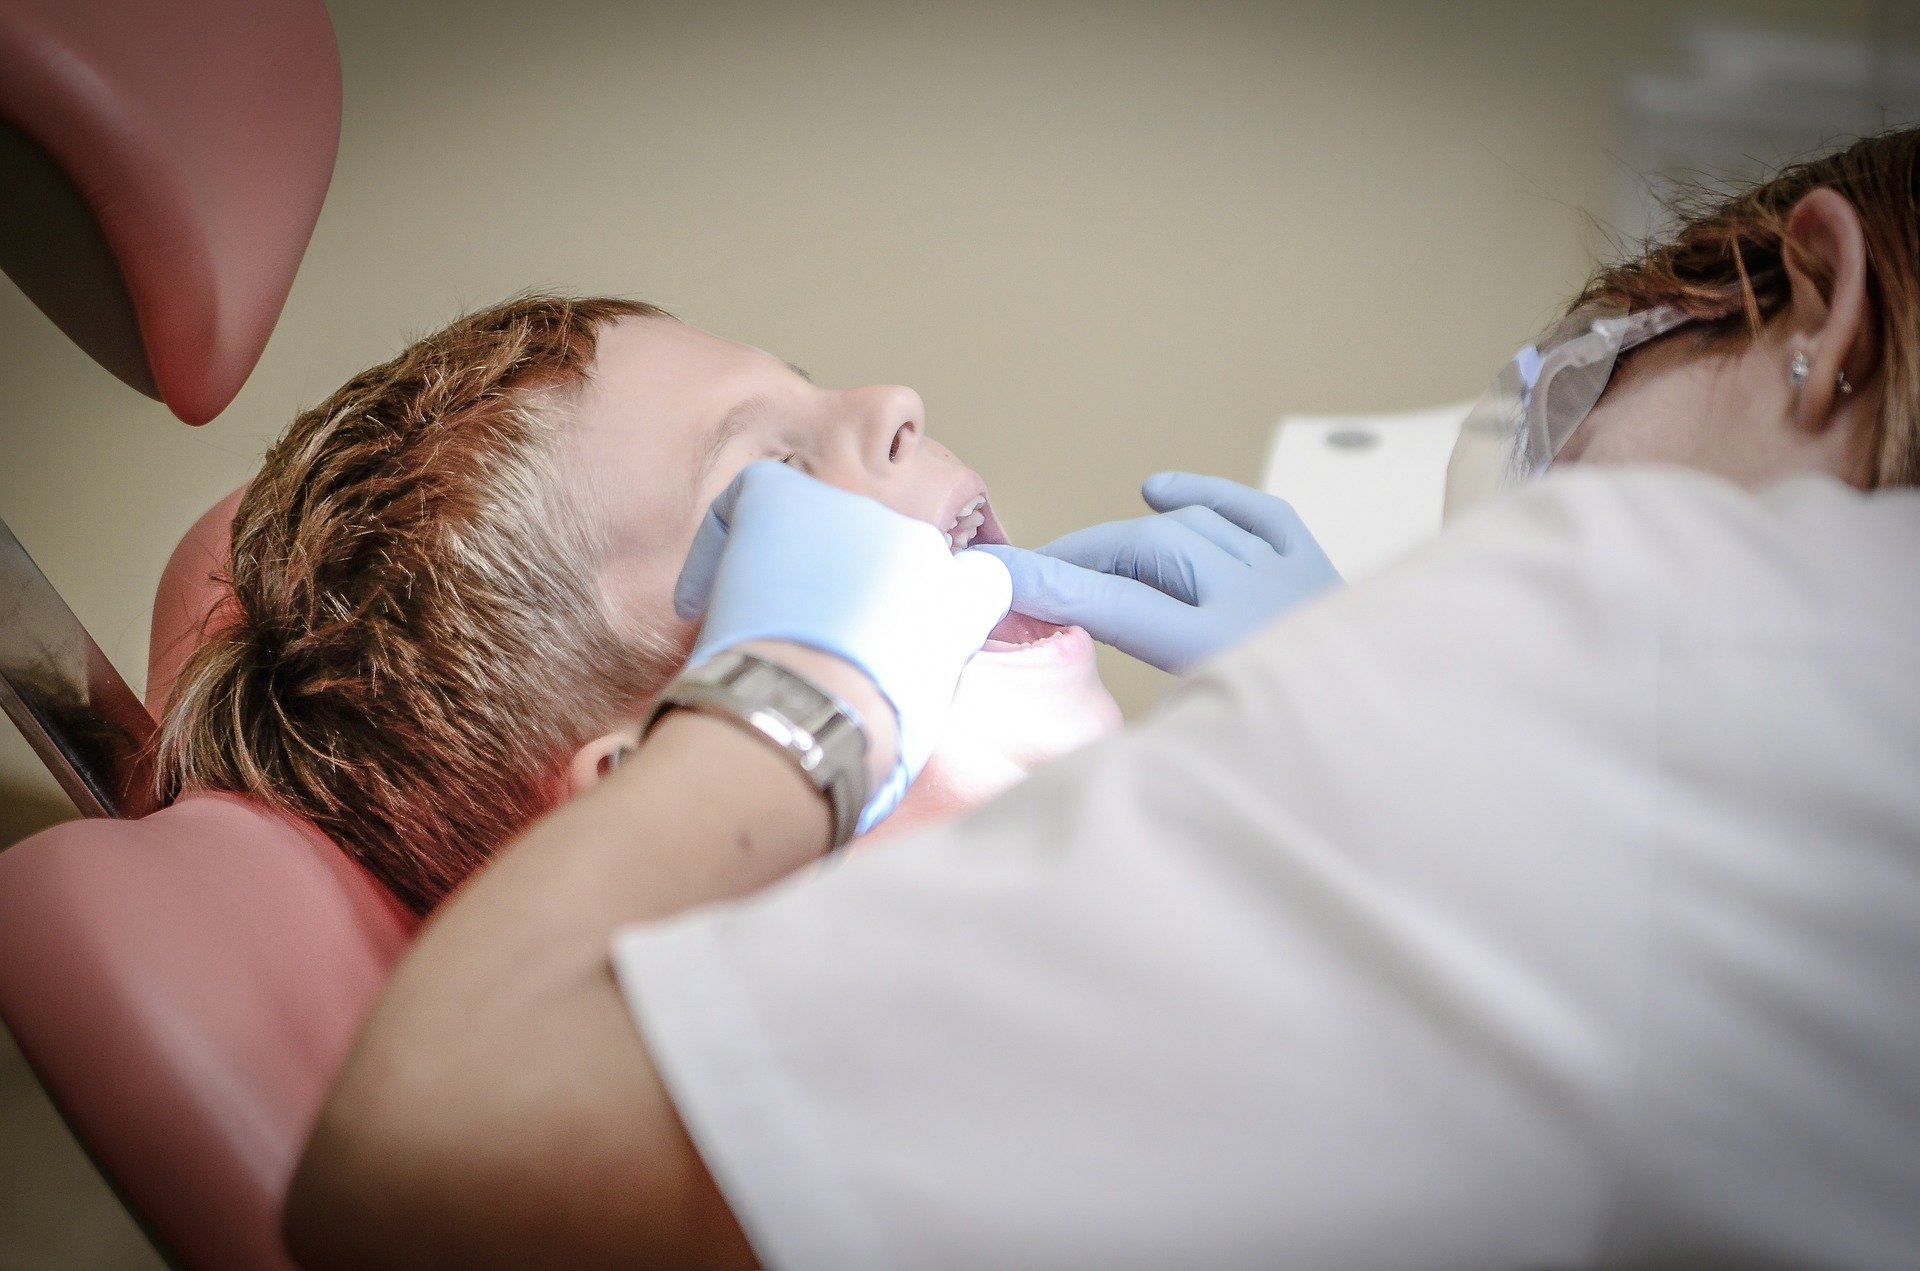 Imagem de uma criança enquanto recebe tratamentos odontológicos. O dentista usa roupa branca e luvas azuis. Imagem ilustrativa para o texto franquia de plano odontológico.